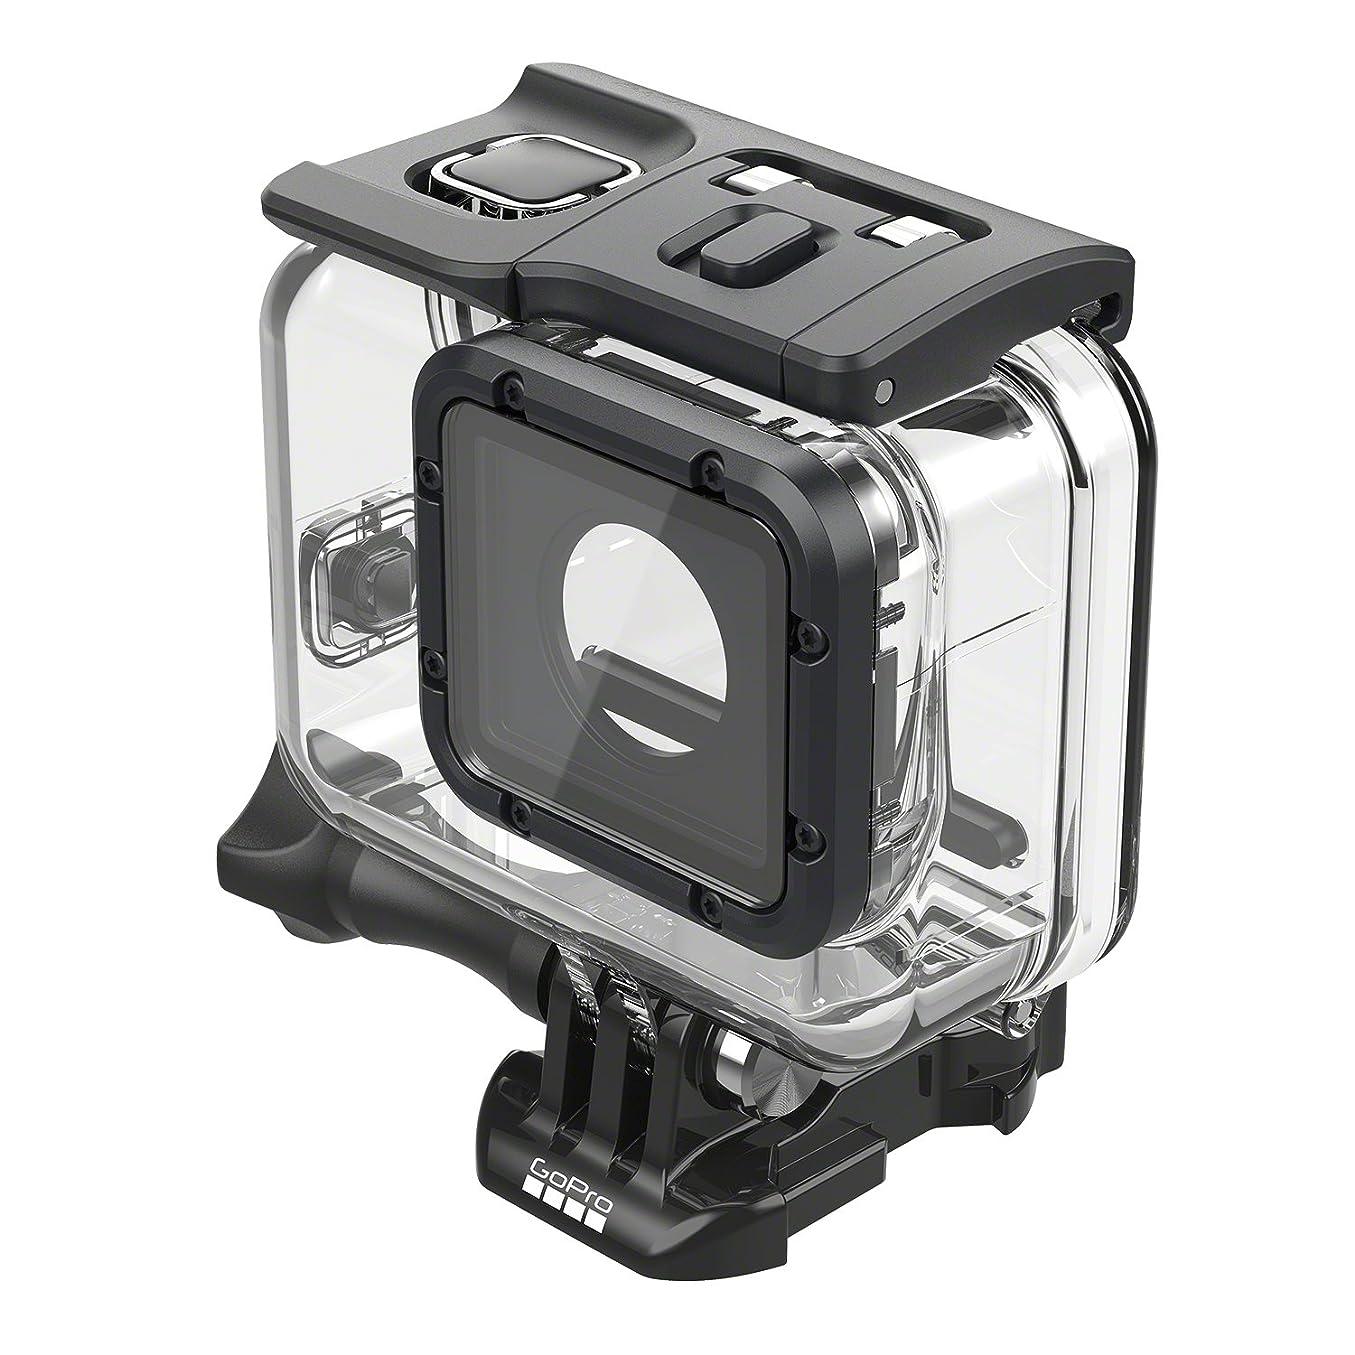 ガイドラインアルコール惑星Smatree カメラ収納ケース Gopro Hero 7/6/5/4/3対応 防震 防塵 携帯便利